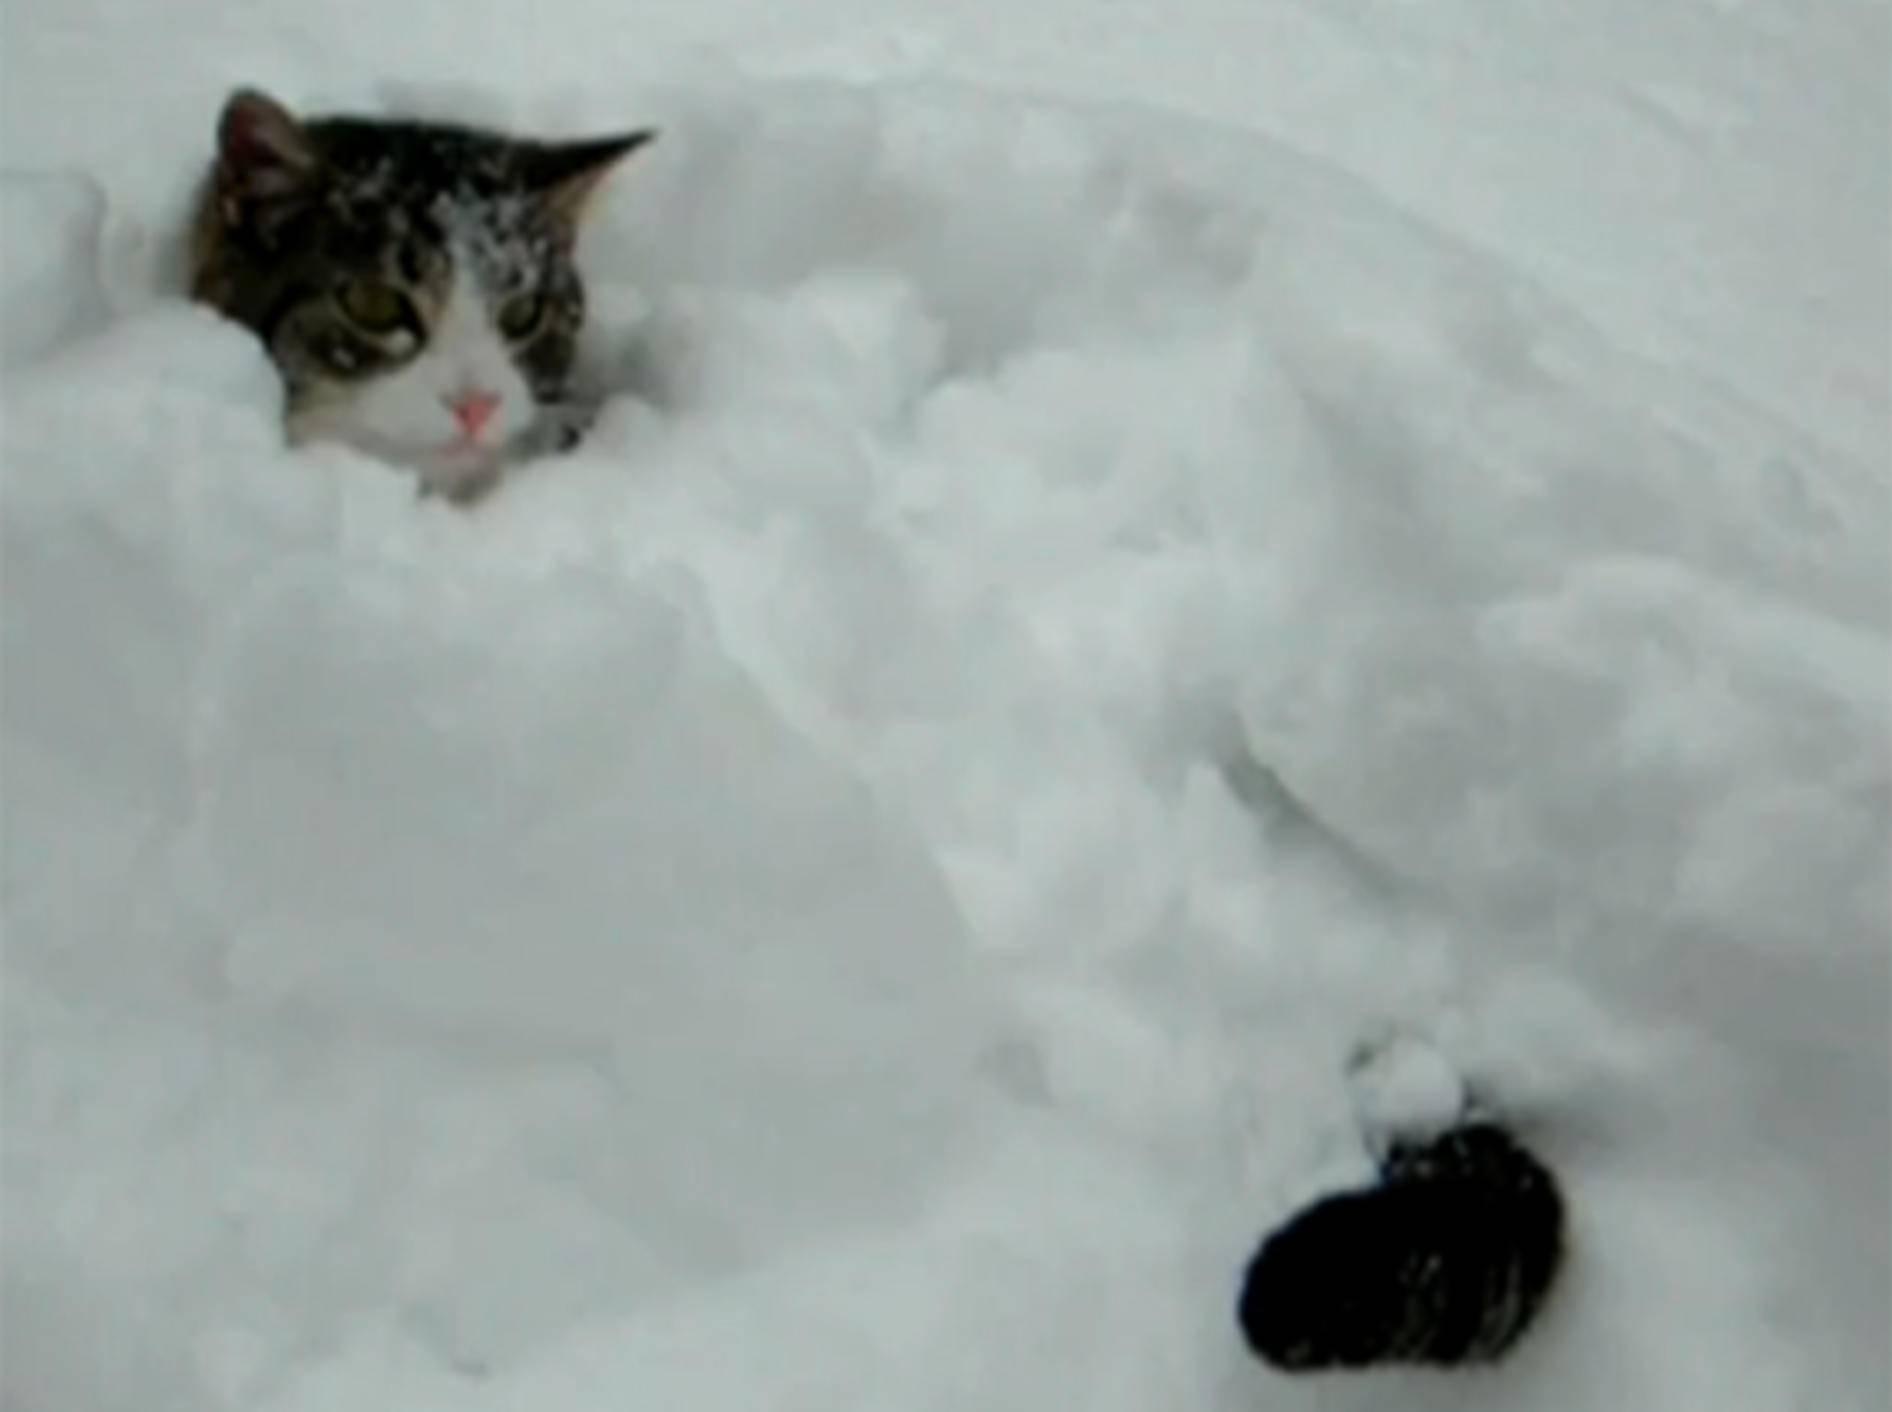 Katze hat sich im Schnee versteckt: Toben, jagen und staunen macht einfach Spaß